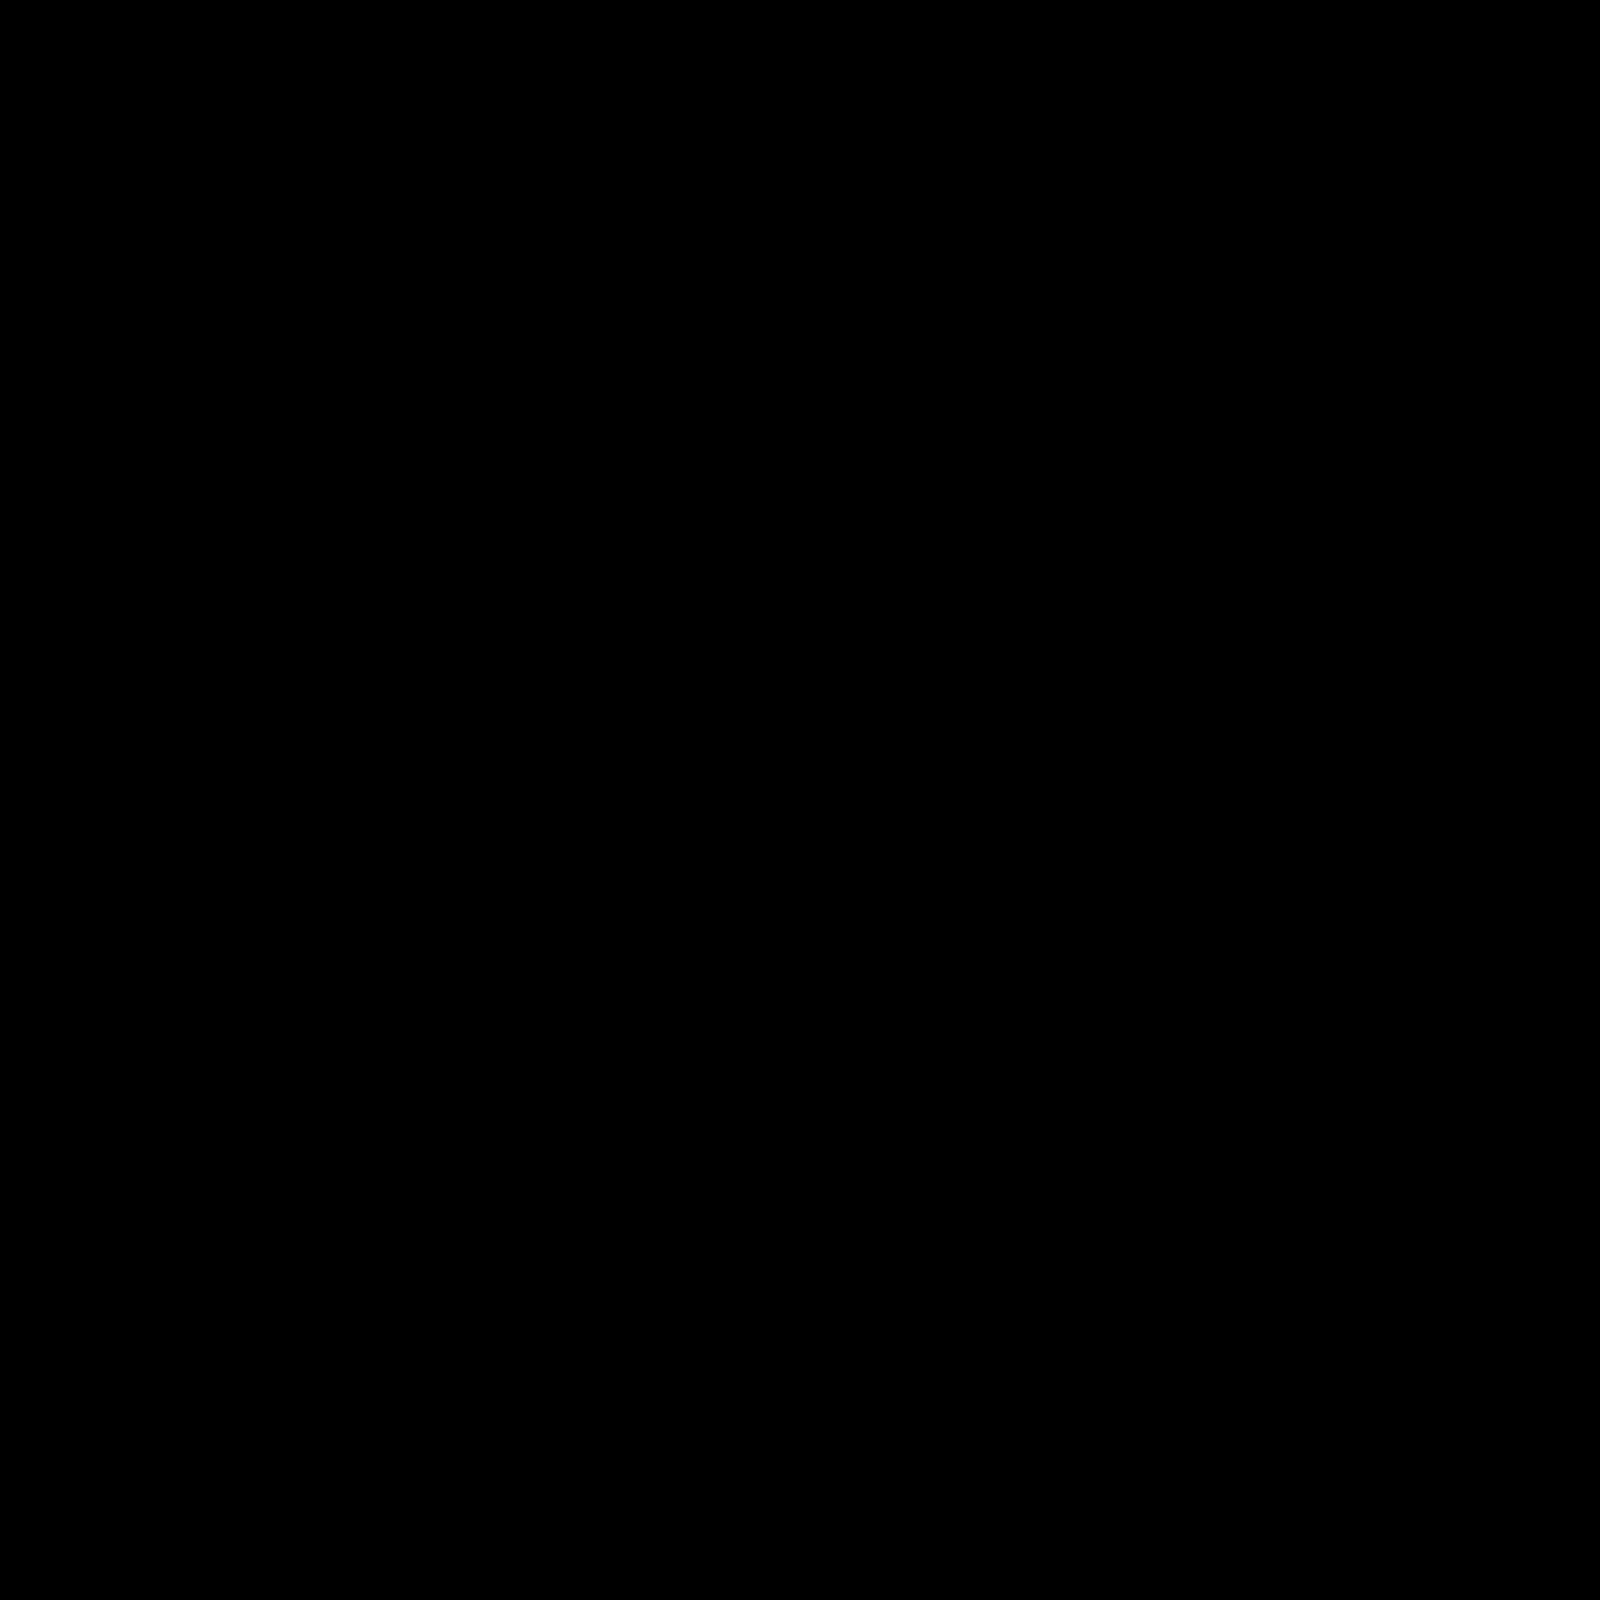 ラップ icon. There is an oblong food object made up of a tortilla filled with something semi-solid. It is standing upright on its narrower bottom end. The top end is open, showing the filling inside.